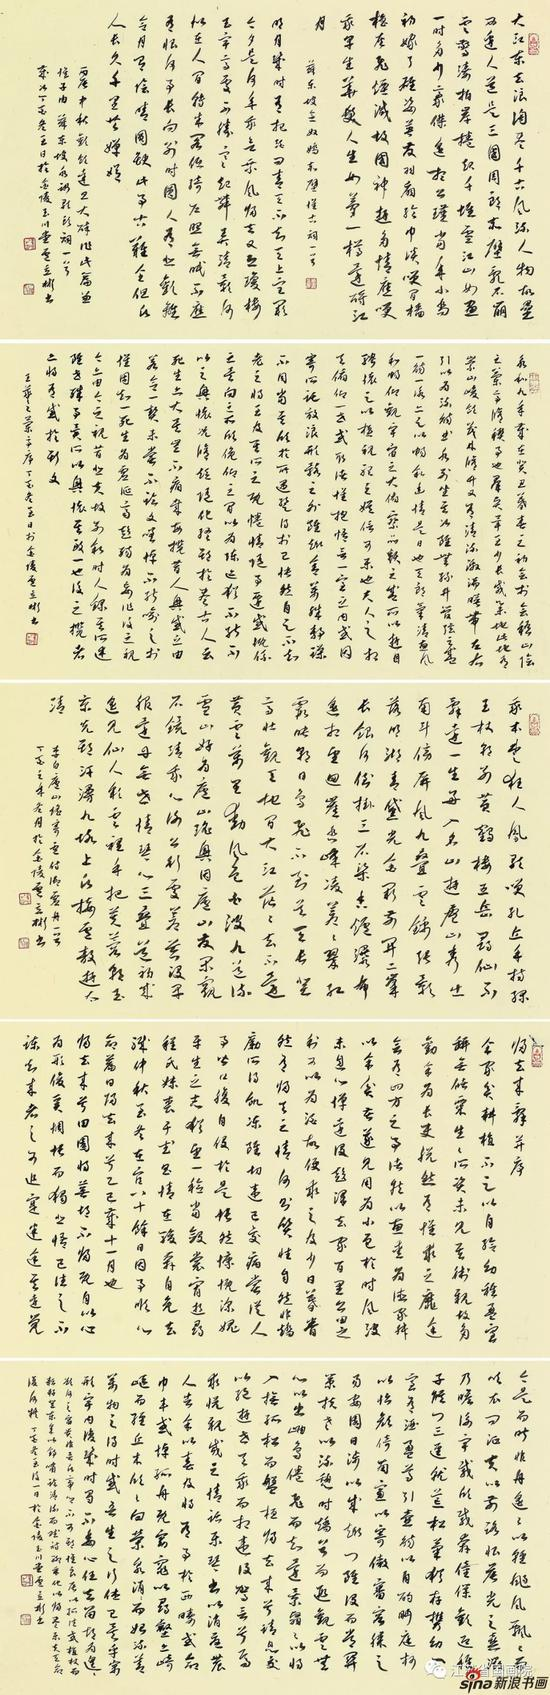 卢力彬 《古诗词选录》 48cm×77cm×5